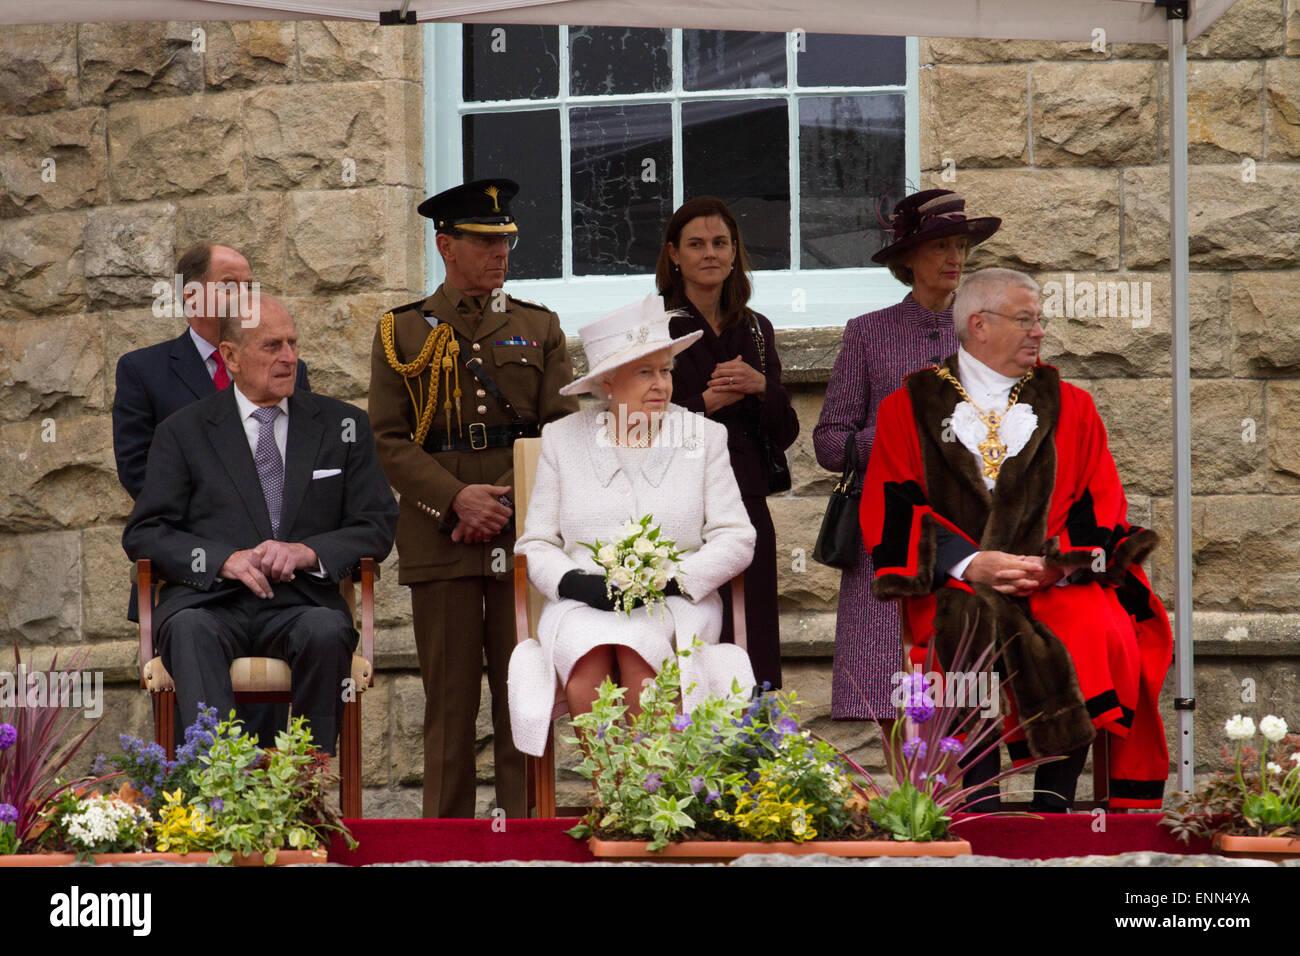 H.R.H El Duque de Edimburgo y la Reina visitando Cyfarthfa Castle en Merthyr Tydfil, Gales del Sur, como parte de Imagen De Stock